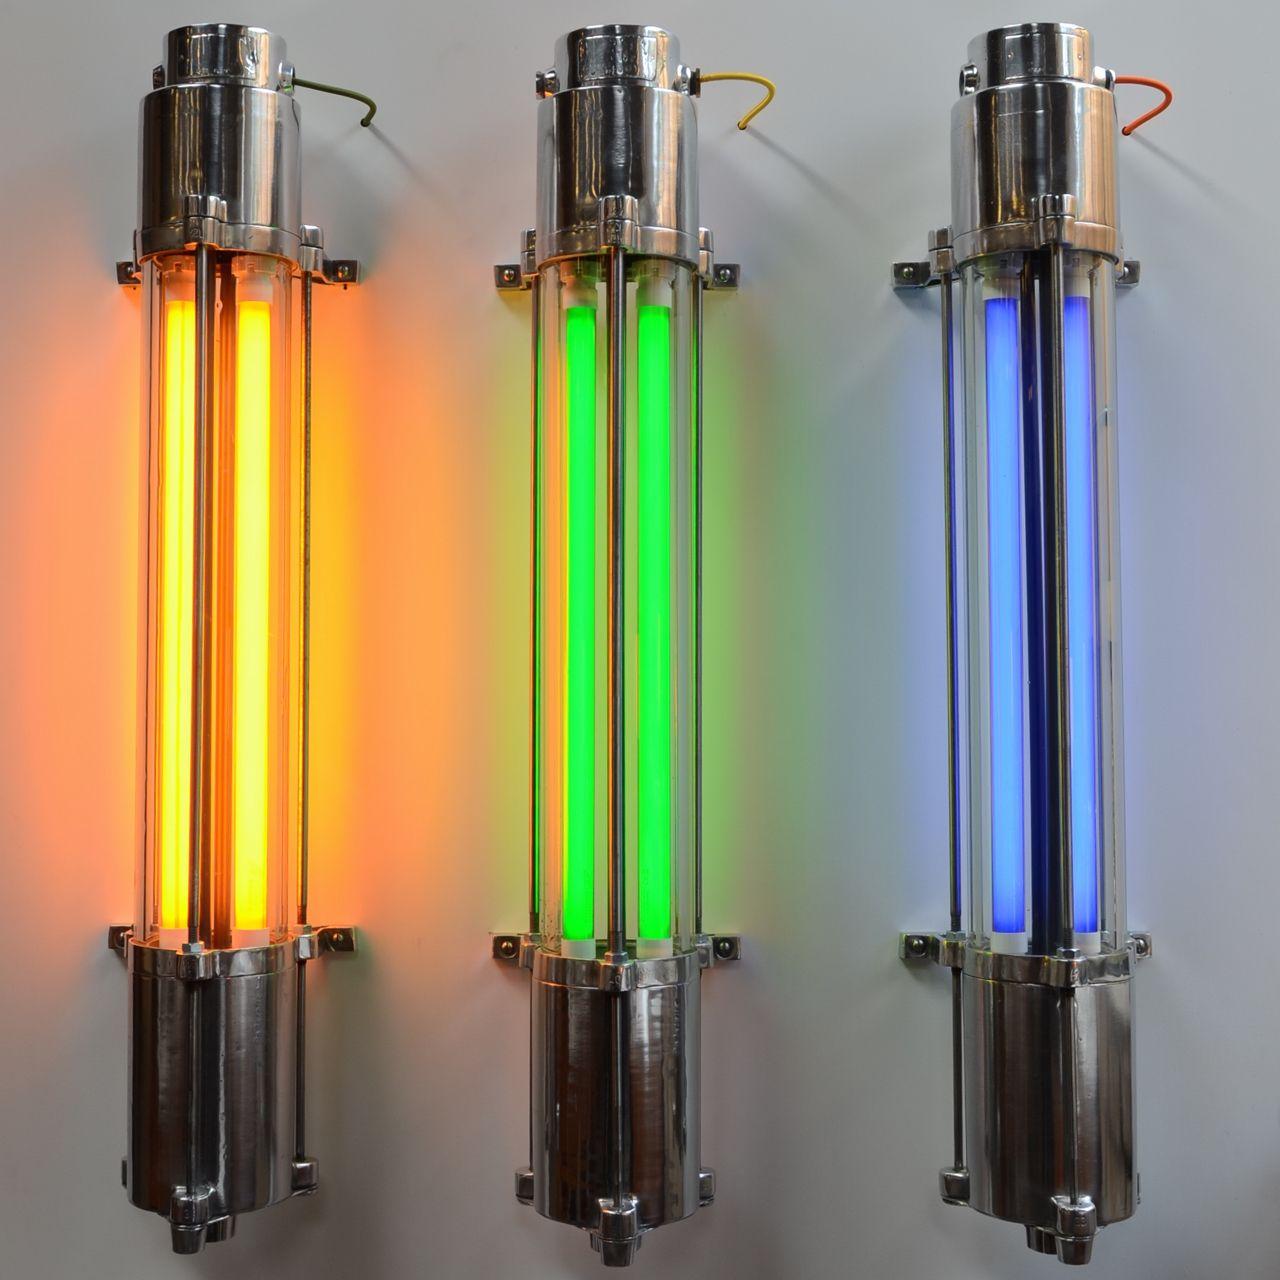 Vintage Industrial Fluorescent Light: Communist Fluorescent Tube Light -Short Polished In 2019